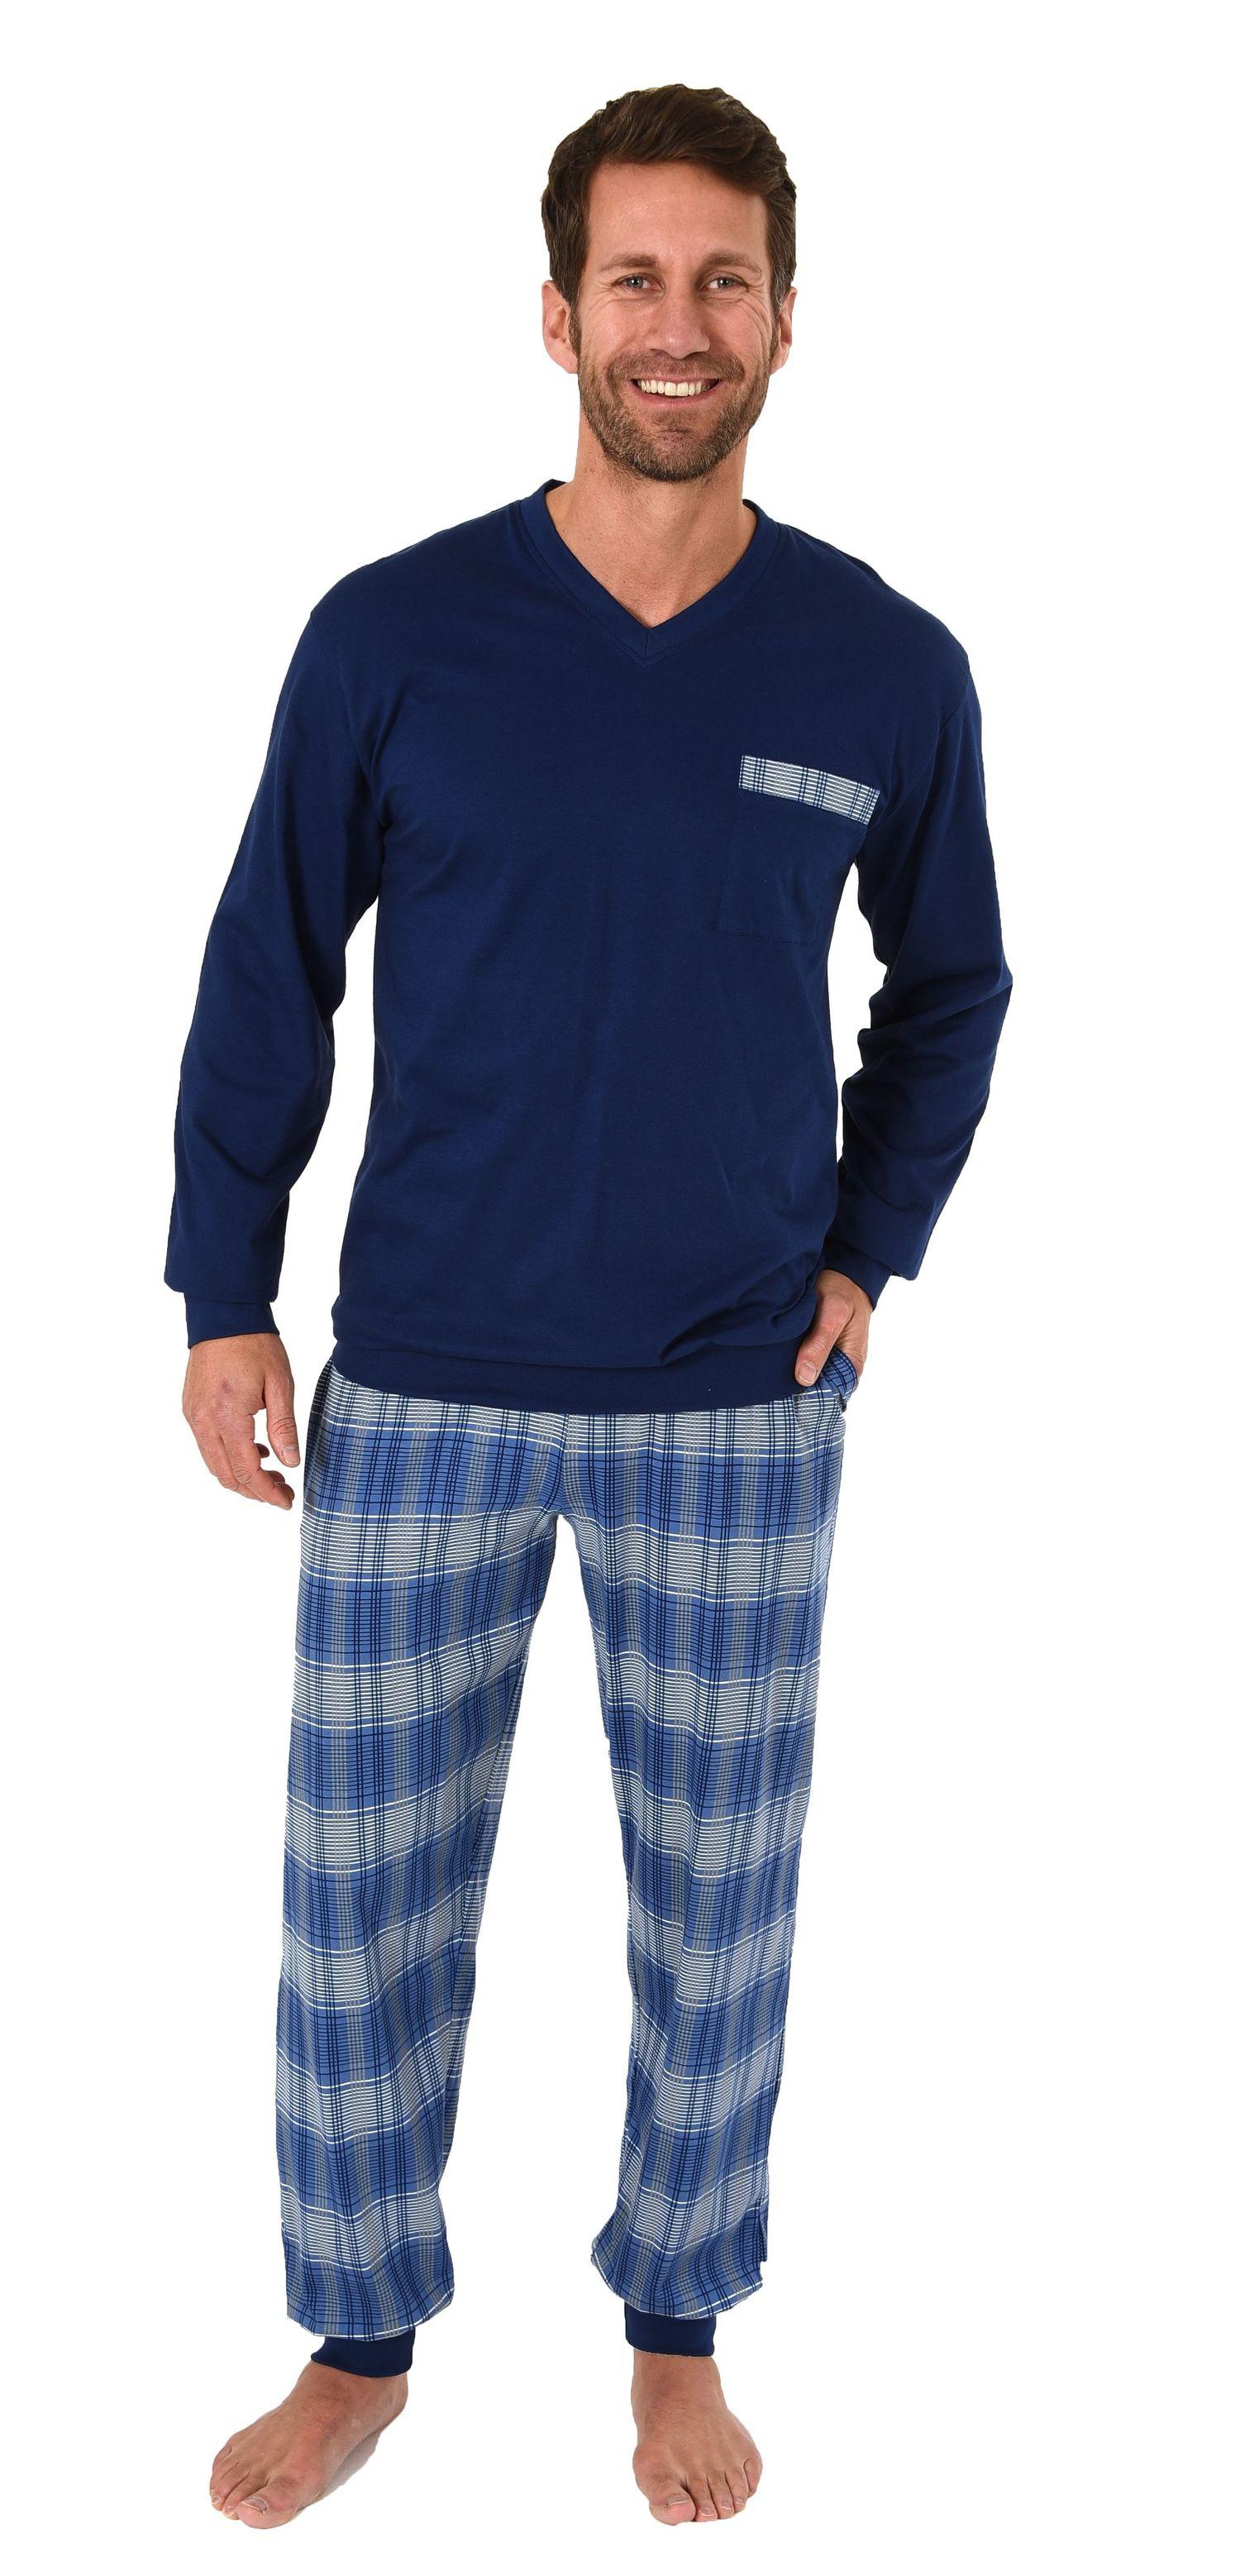 Herren Schlafanzug Pyjama mit Bündchen und Karo Hose - auch in Übergrössen 281 101 90 682 – Bild 1